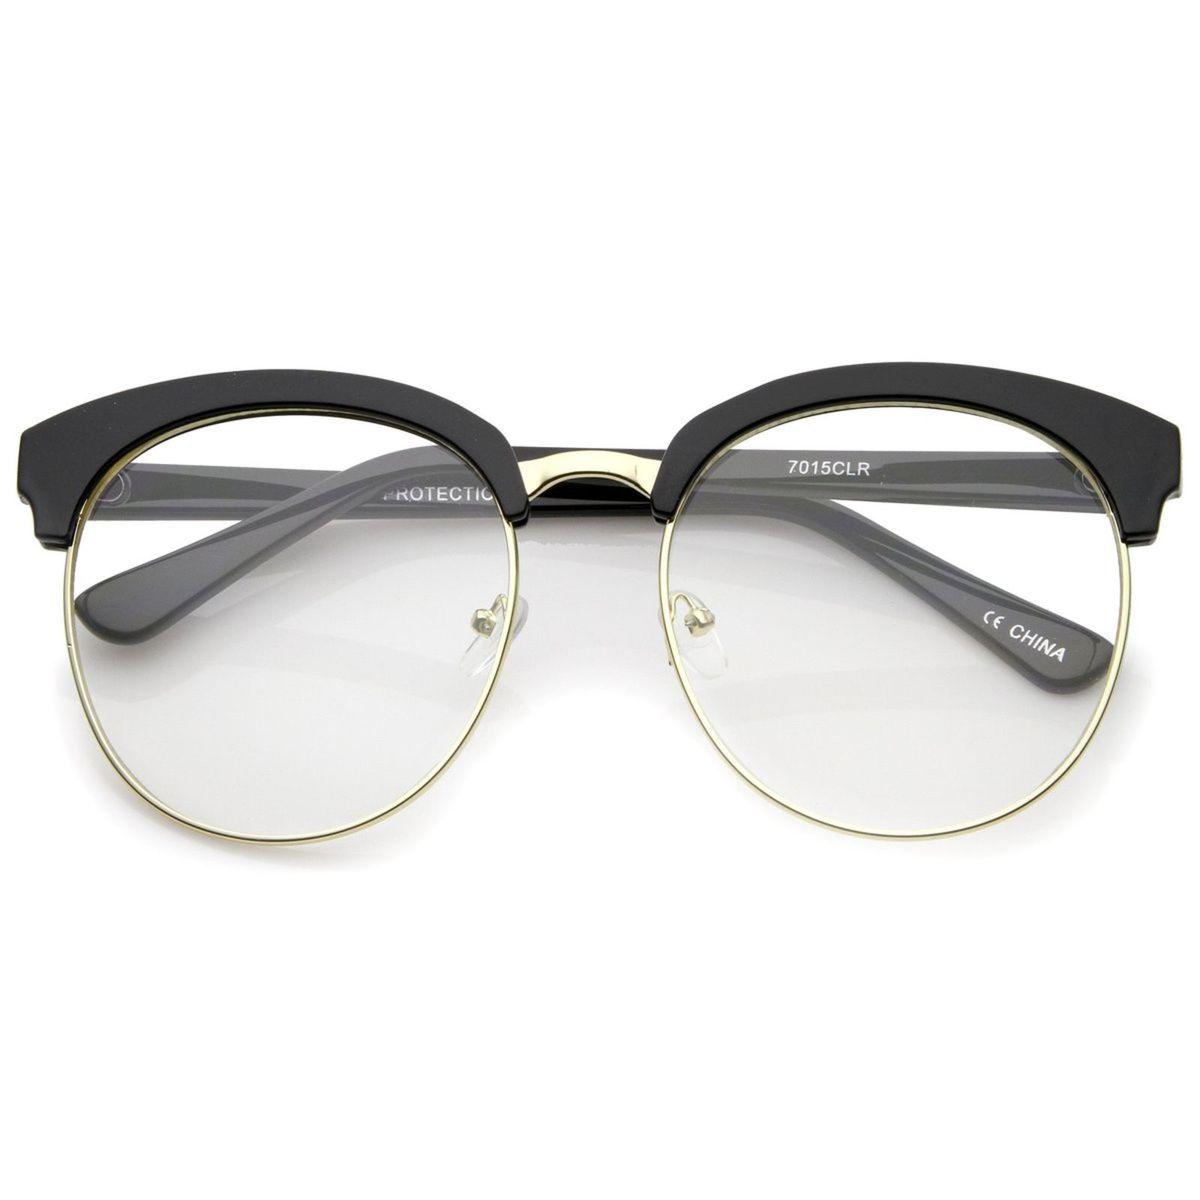 armação óculos para grau - unissex - hipster - redondo - óculos sem marca ef02d55b74